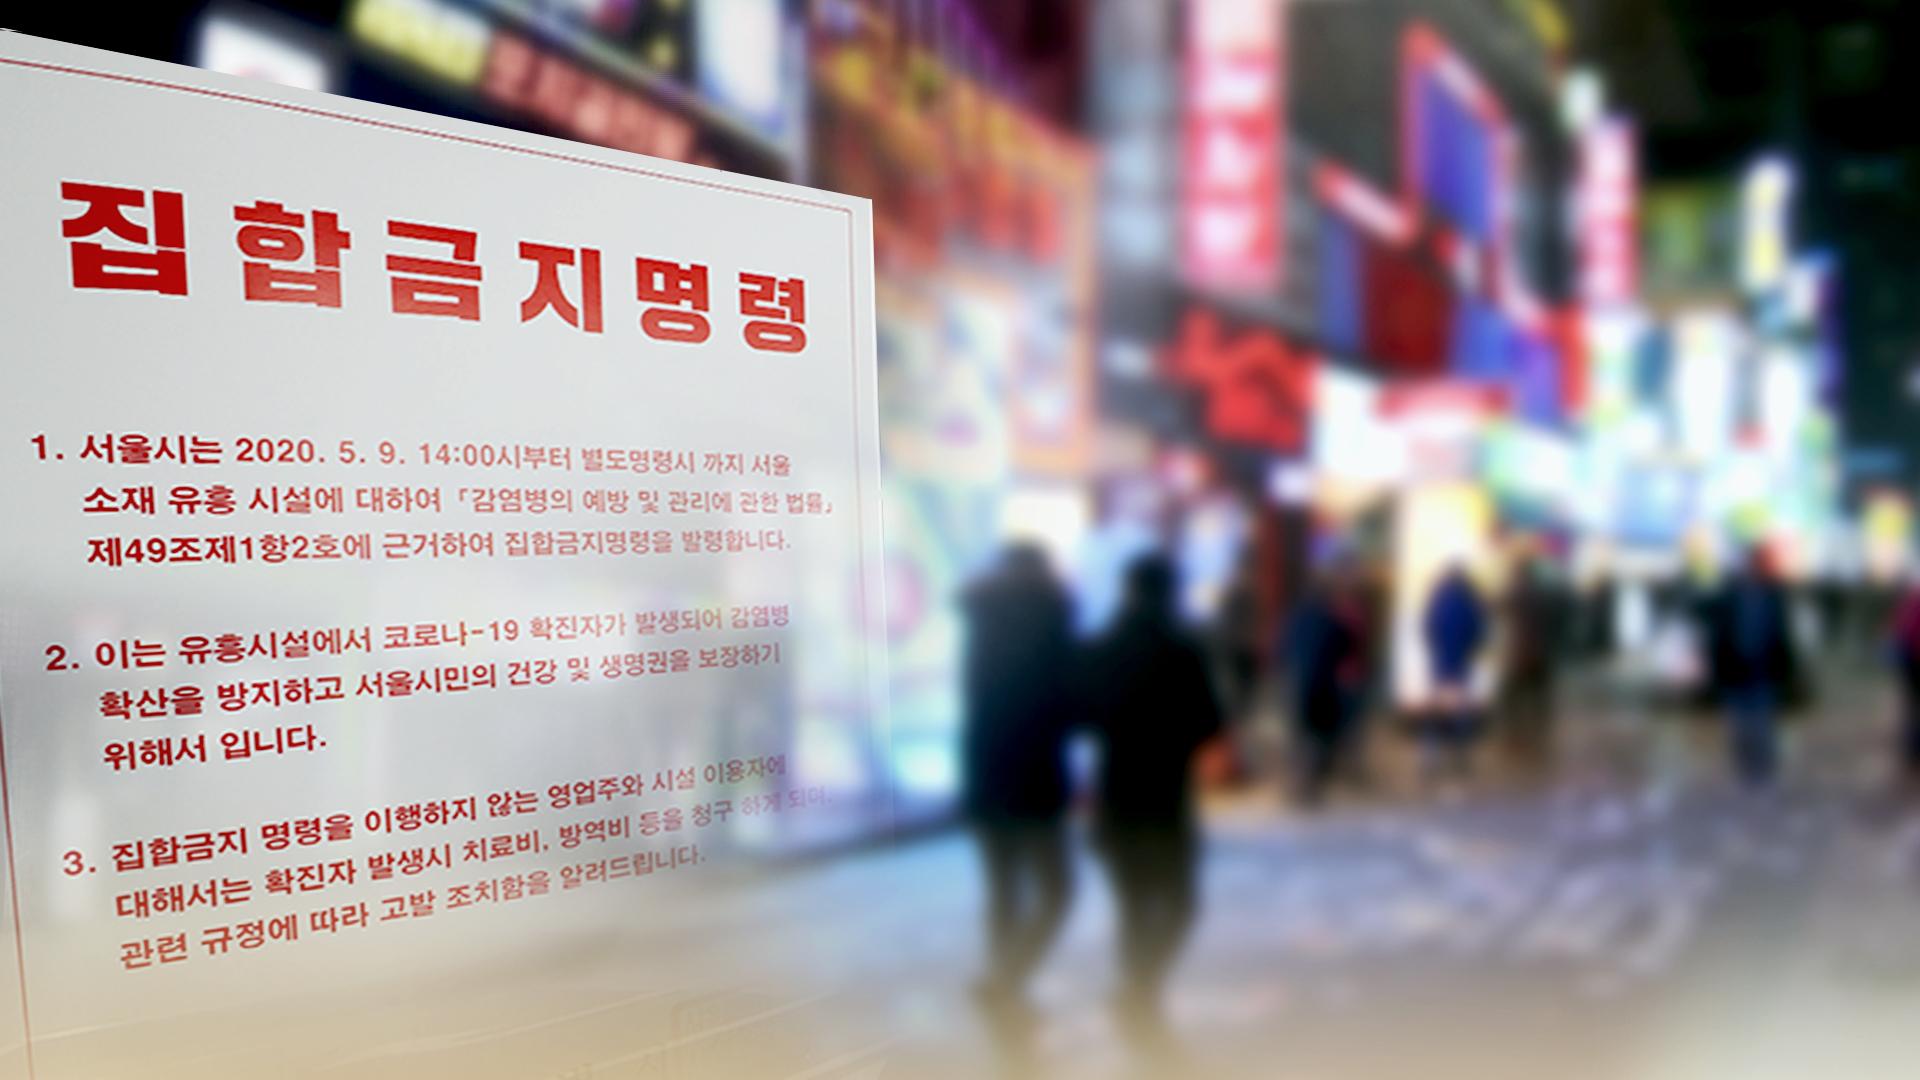 특별방역대책 기간 수도권 내 고위험시설 11종  '집합금지 명령' 유지